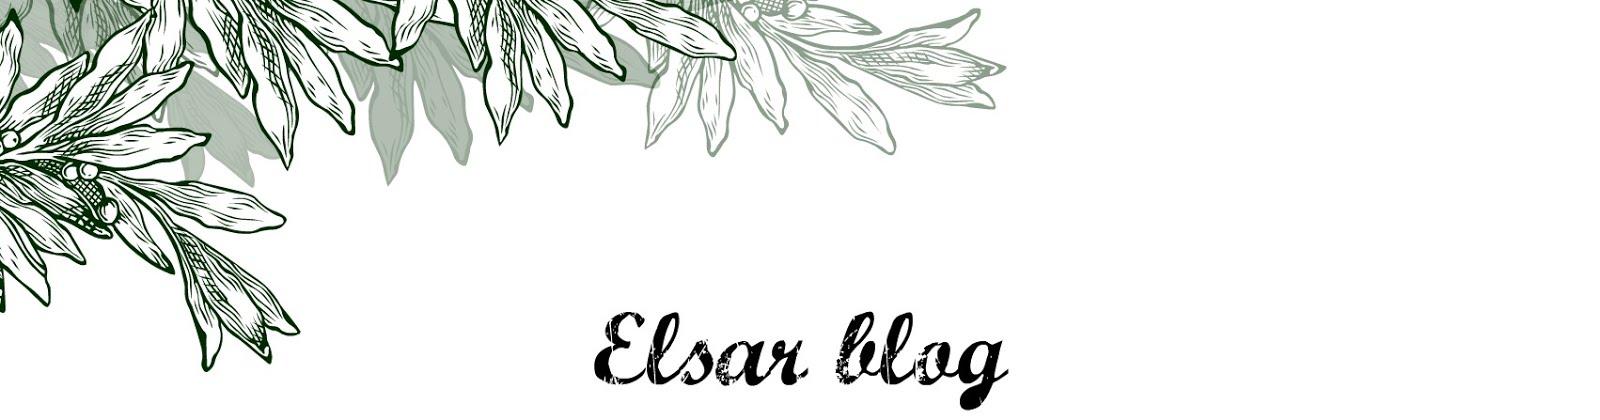 ElsaRblog